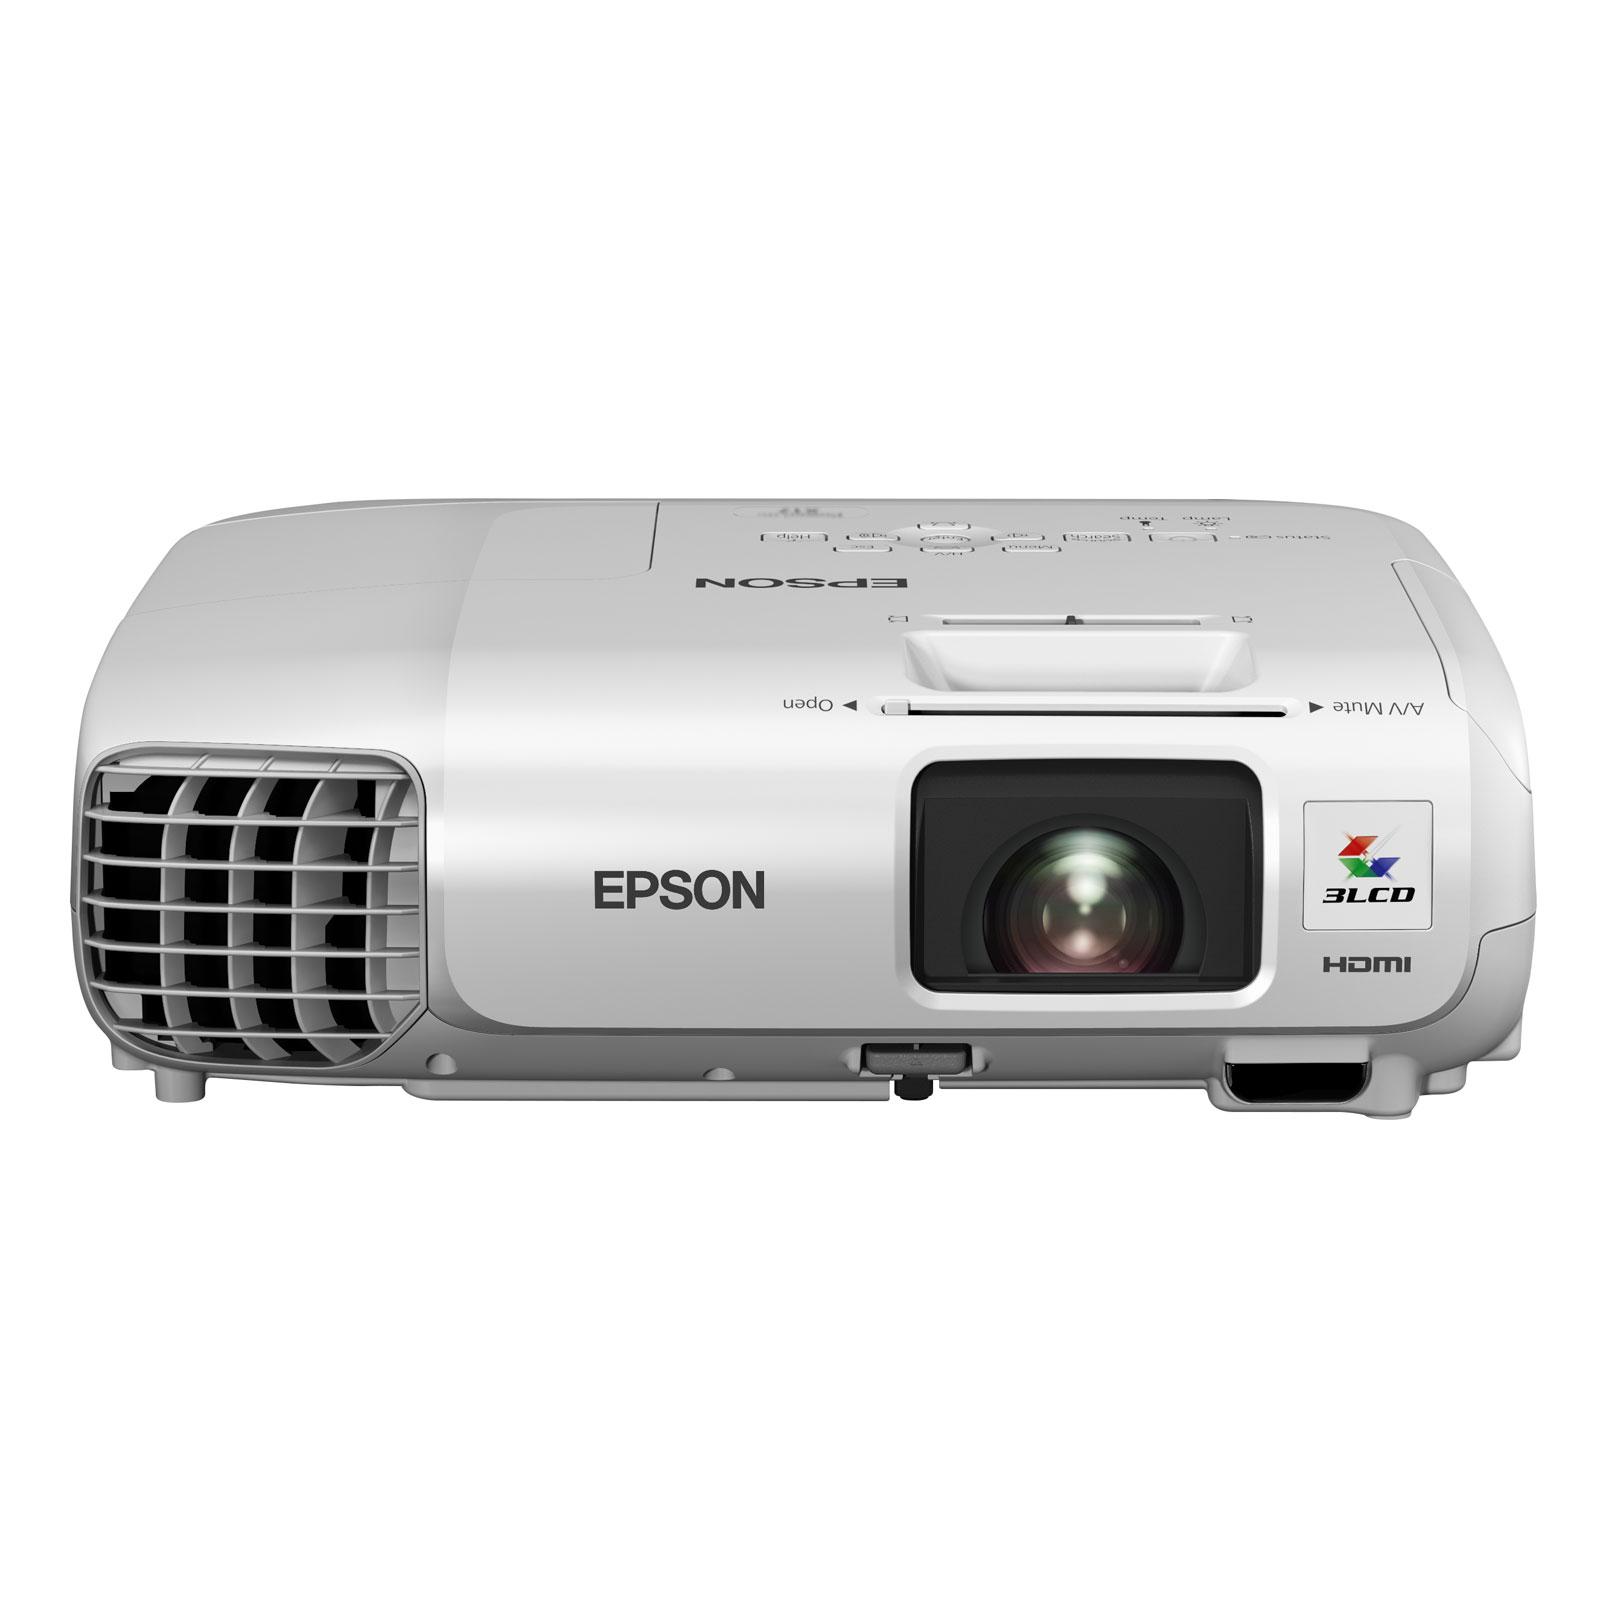 Epson eb x27 vid oprojecteur epson sur ldlc - Support plafond videoprojecteur epson ...